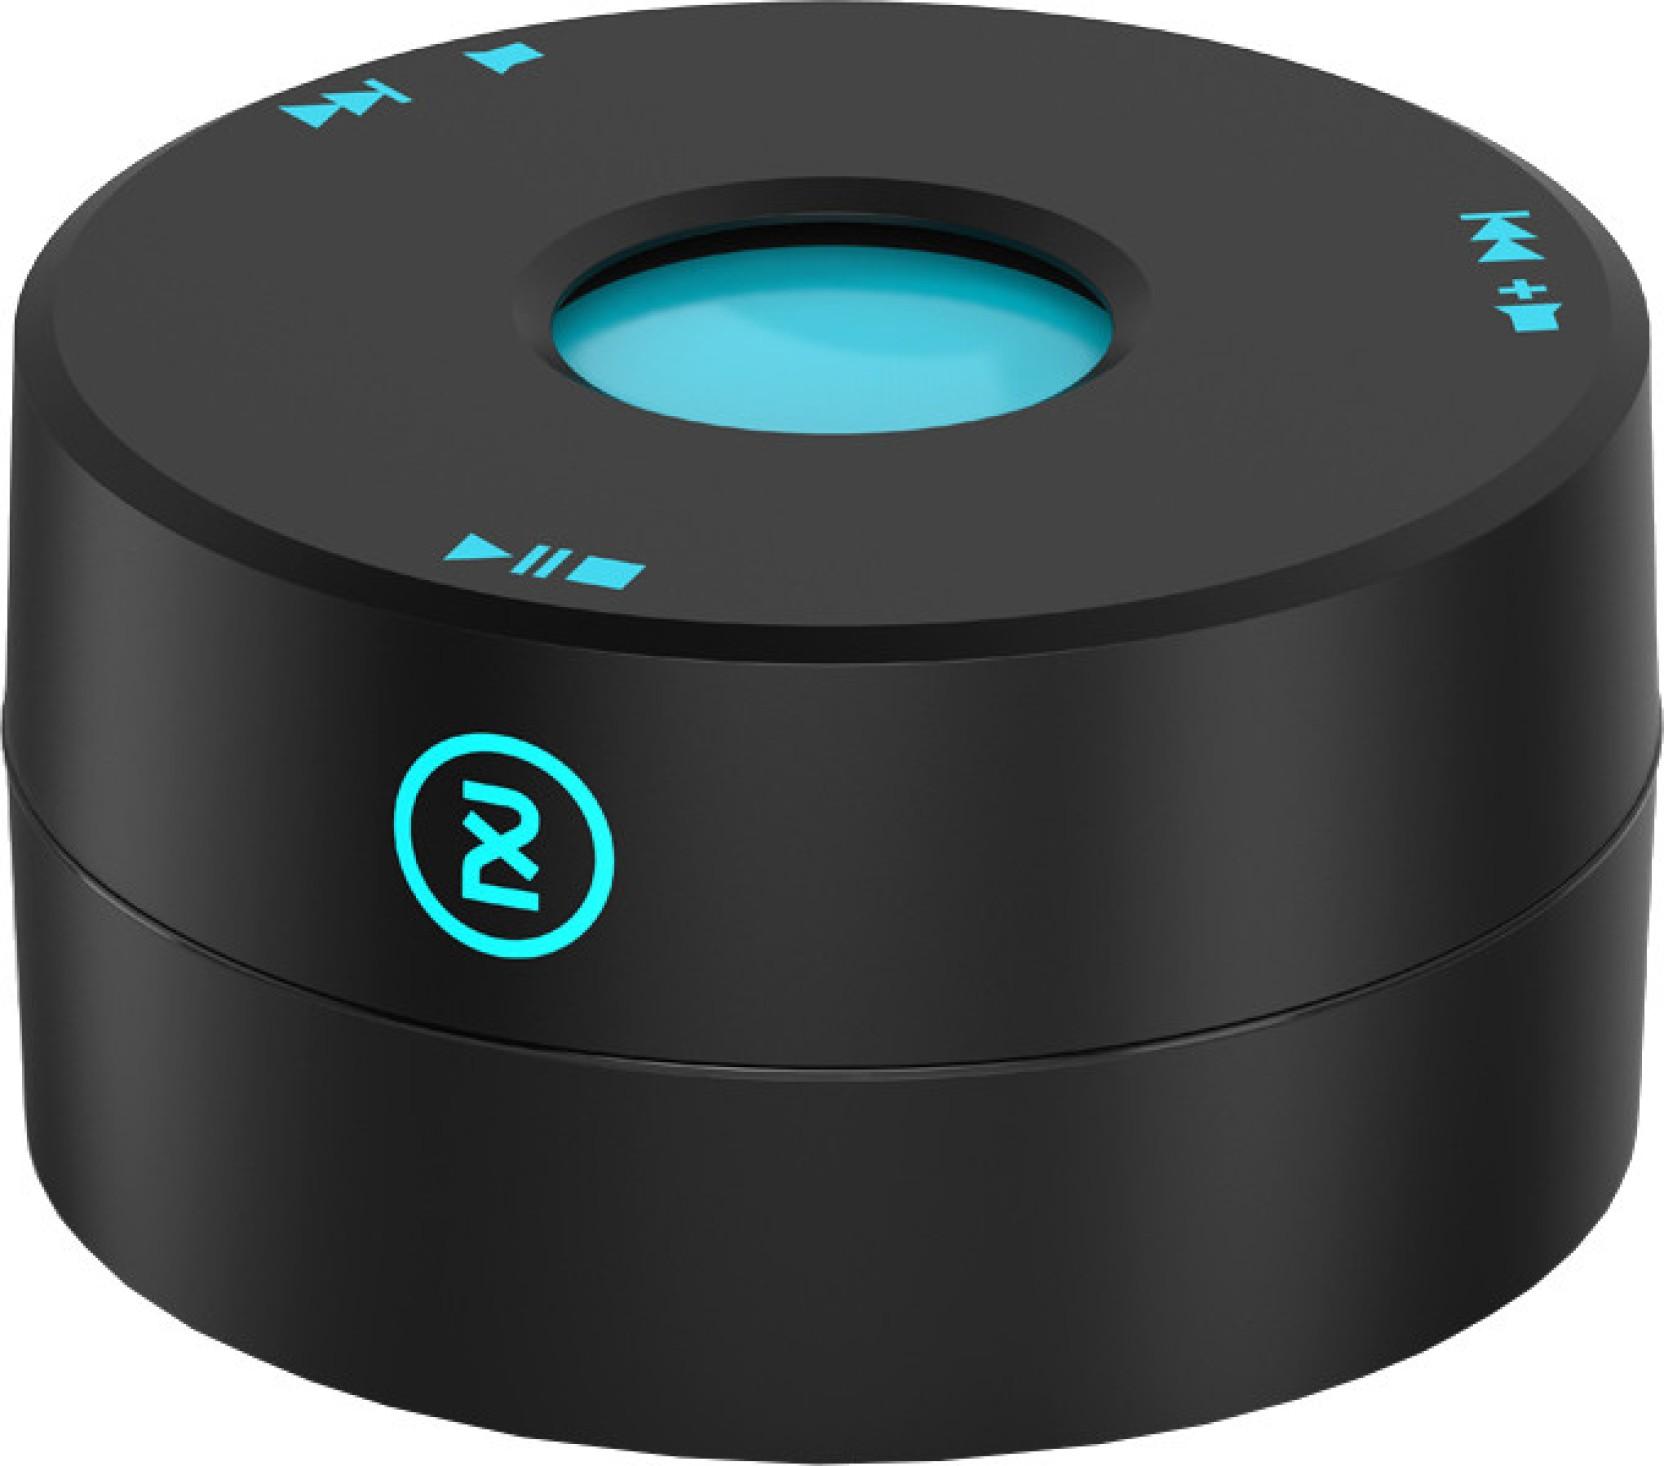 Buy Skullcandy Ringer 2XL Bluetooth Speaker Online From Flipkart.com